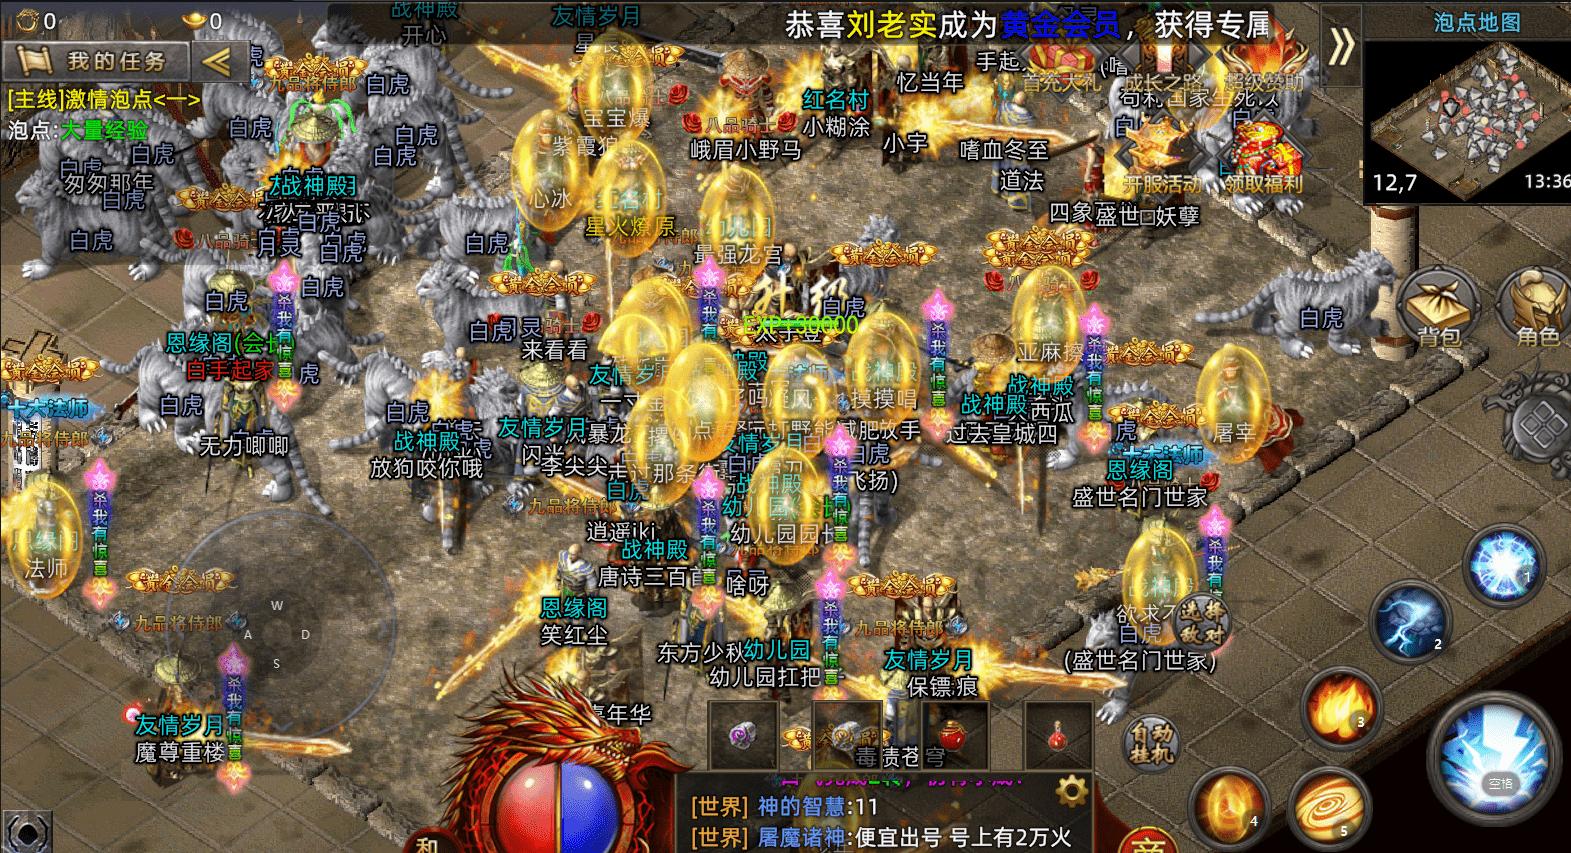 火龙王者传奇攻略(七):王者竞技【吃鸡】模式,千人在线厮杀